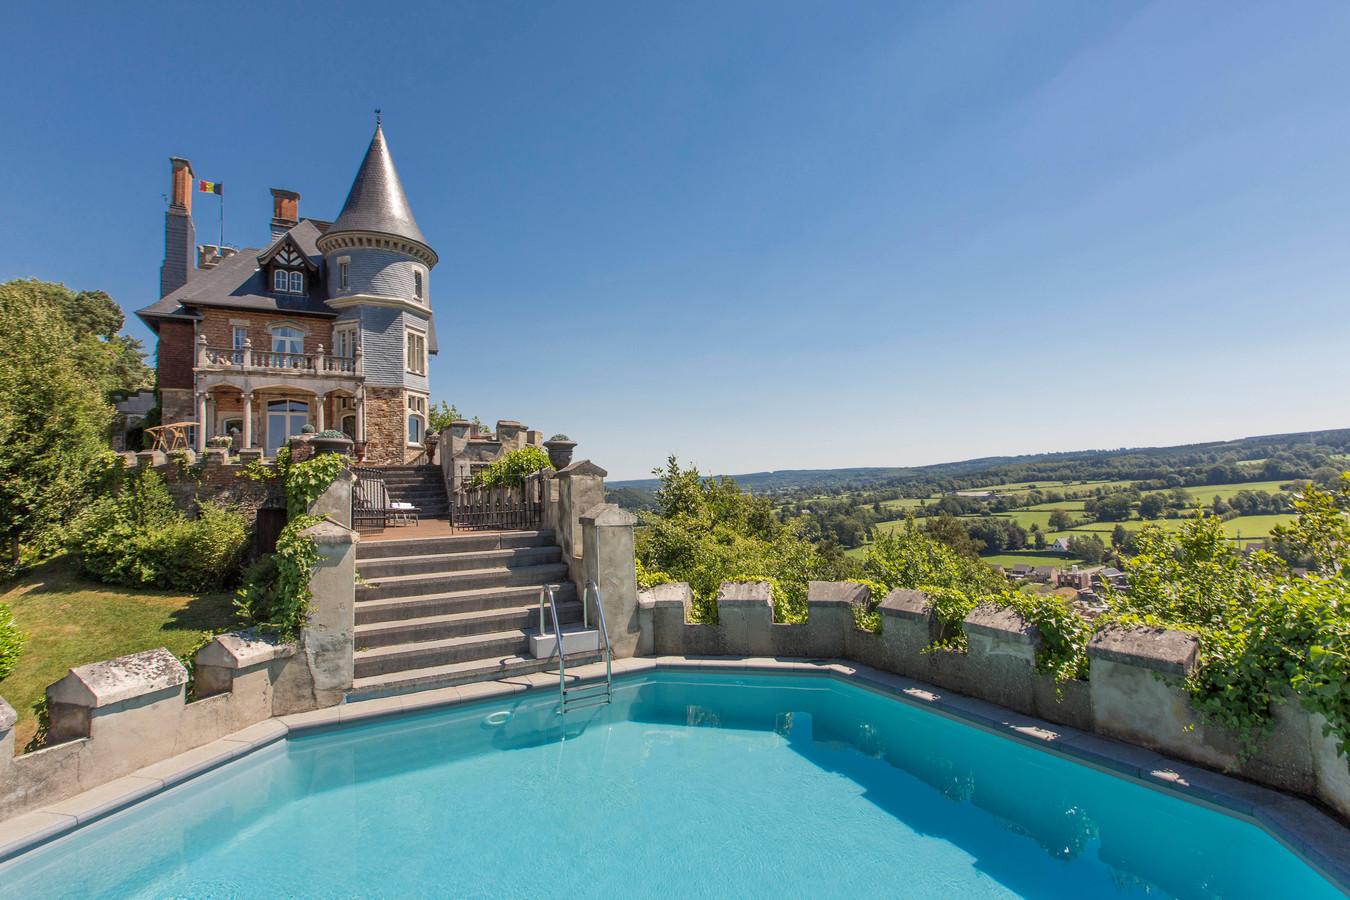 Kasteel in Spa met zwembad op de vestingwal en verpletterend uitzicht. Het luxueuze optrekje maakt deel uit van de portefeuille van Ardennen Plezier. Net als trouwens gewonere chalets in een mildere prijscategorie.